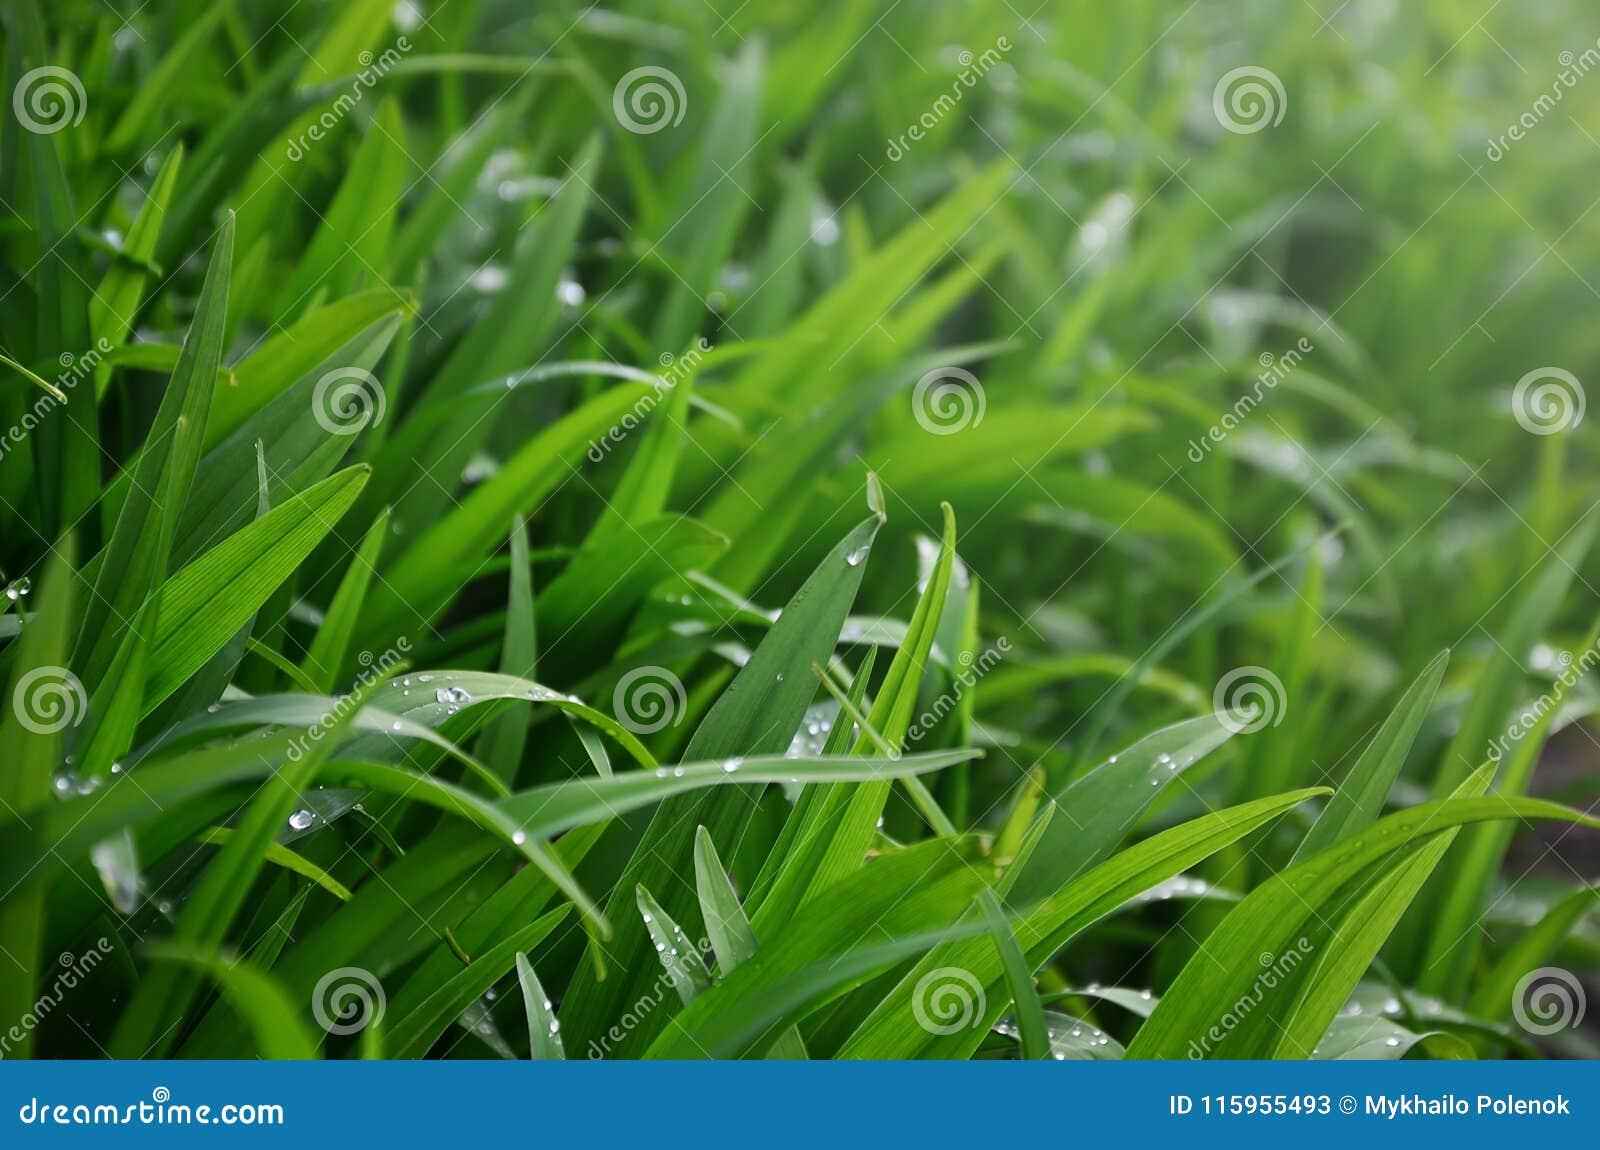 O close-up disparou de hastes gramíneas densas com gotas de orvalho Tiro macro da grama molhada como a imagem de fundo para o con